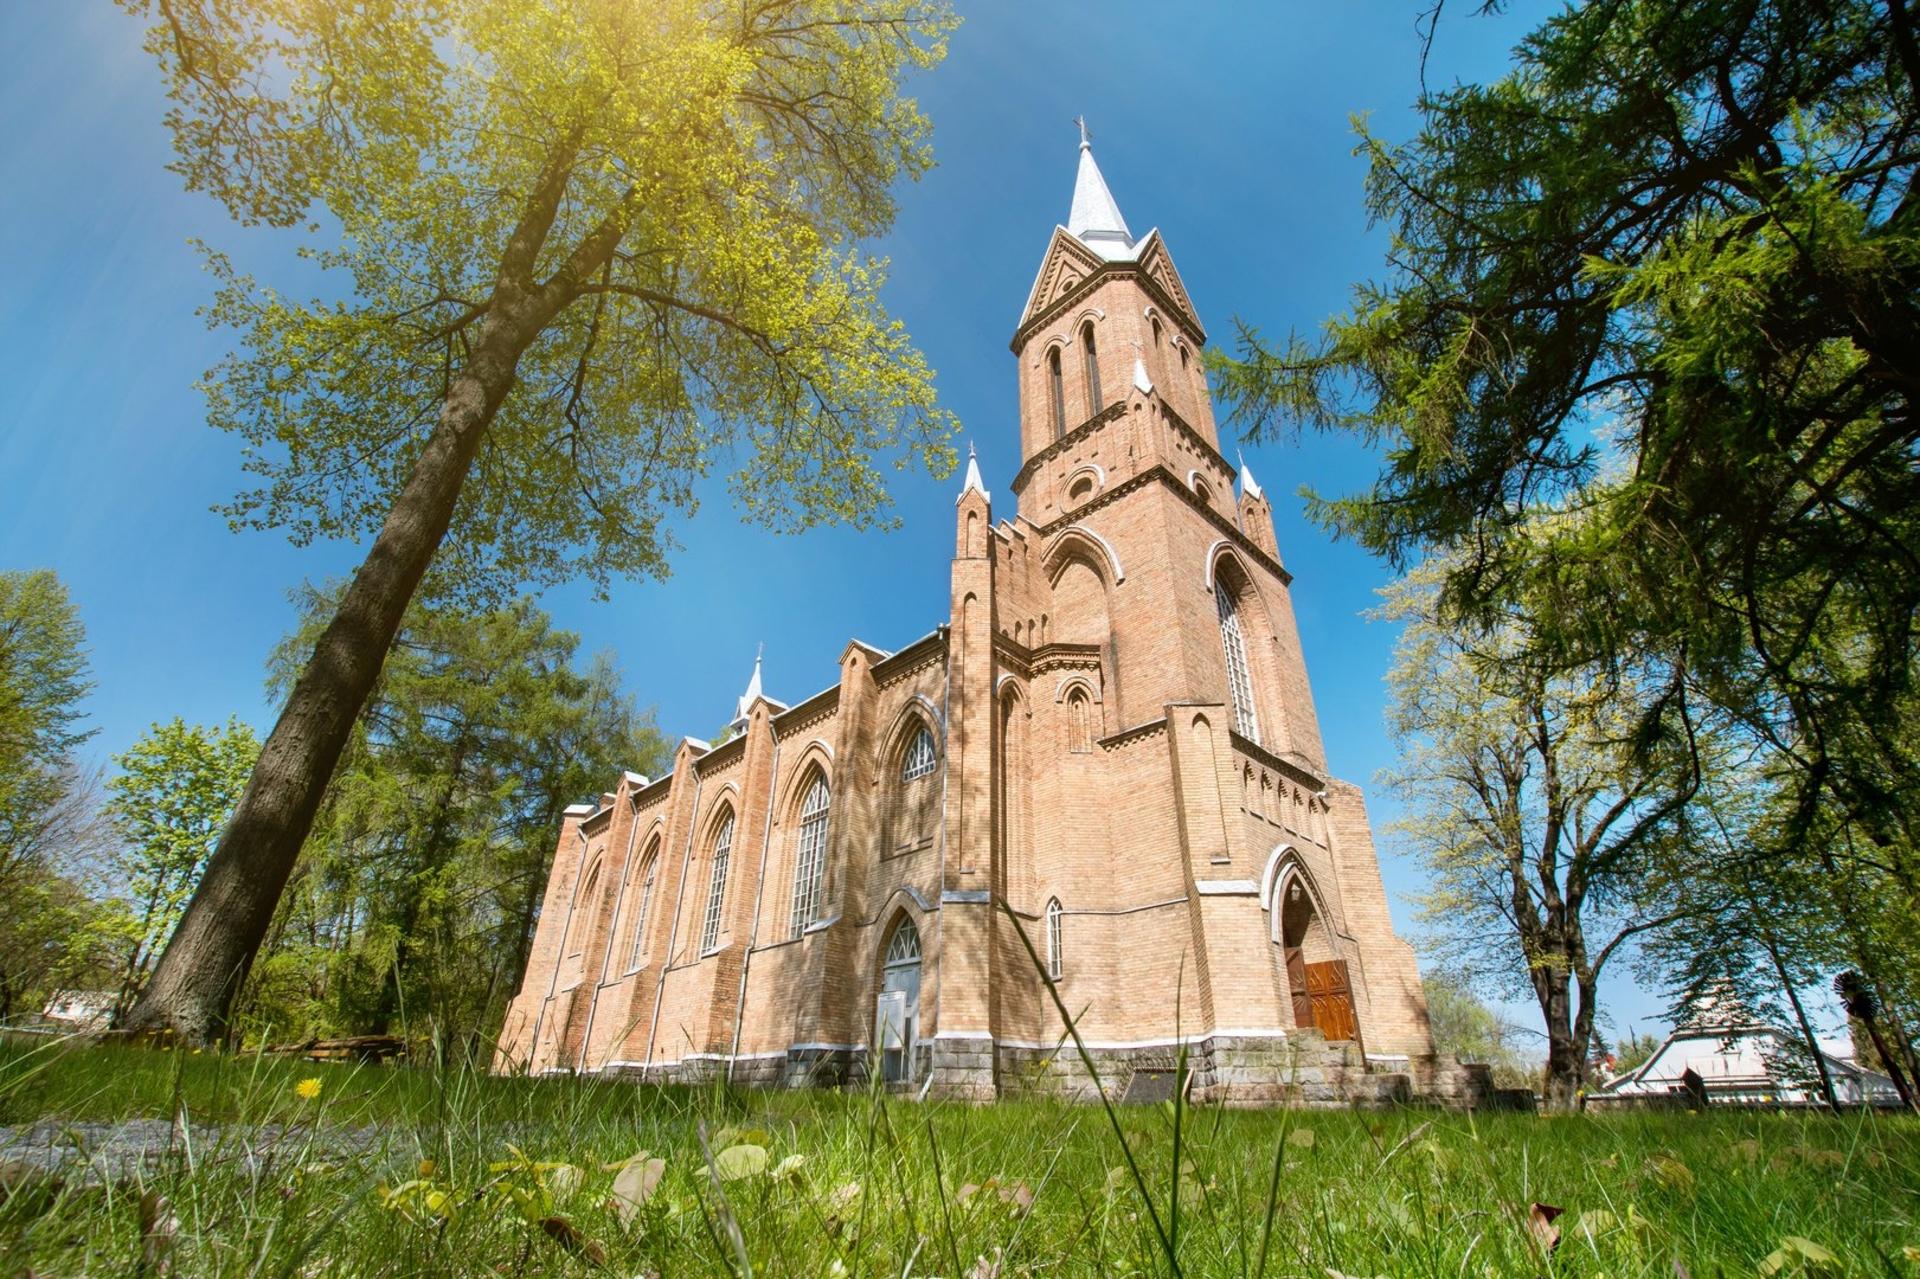 Birštonas Church of St. Anthony of Padua